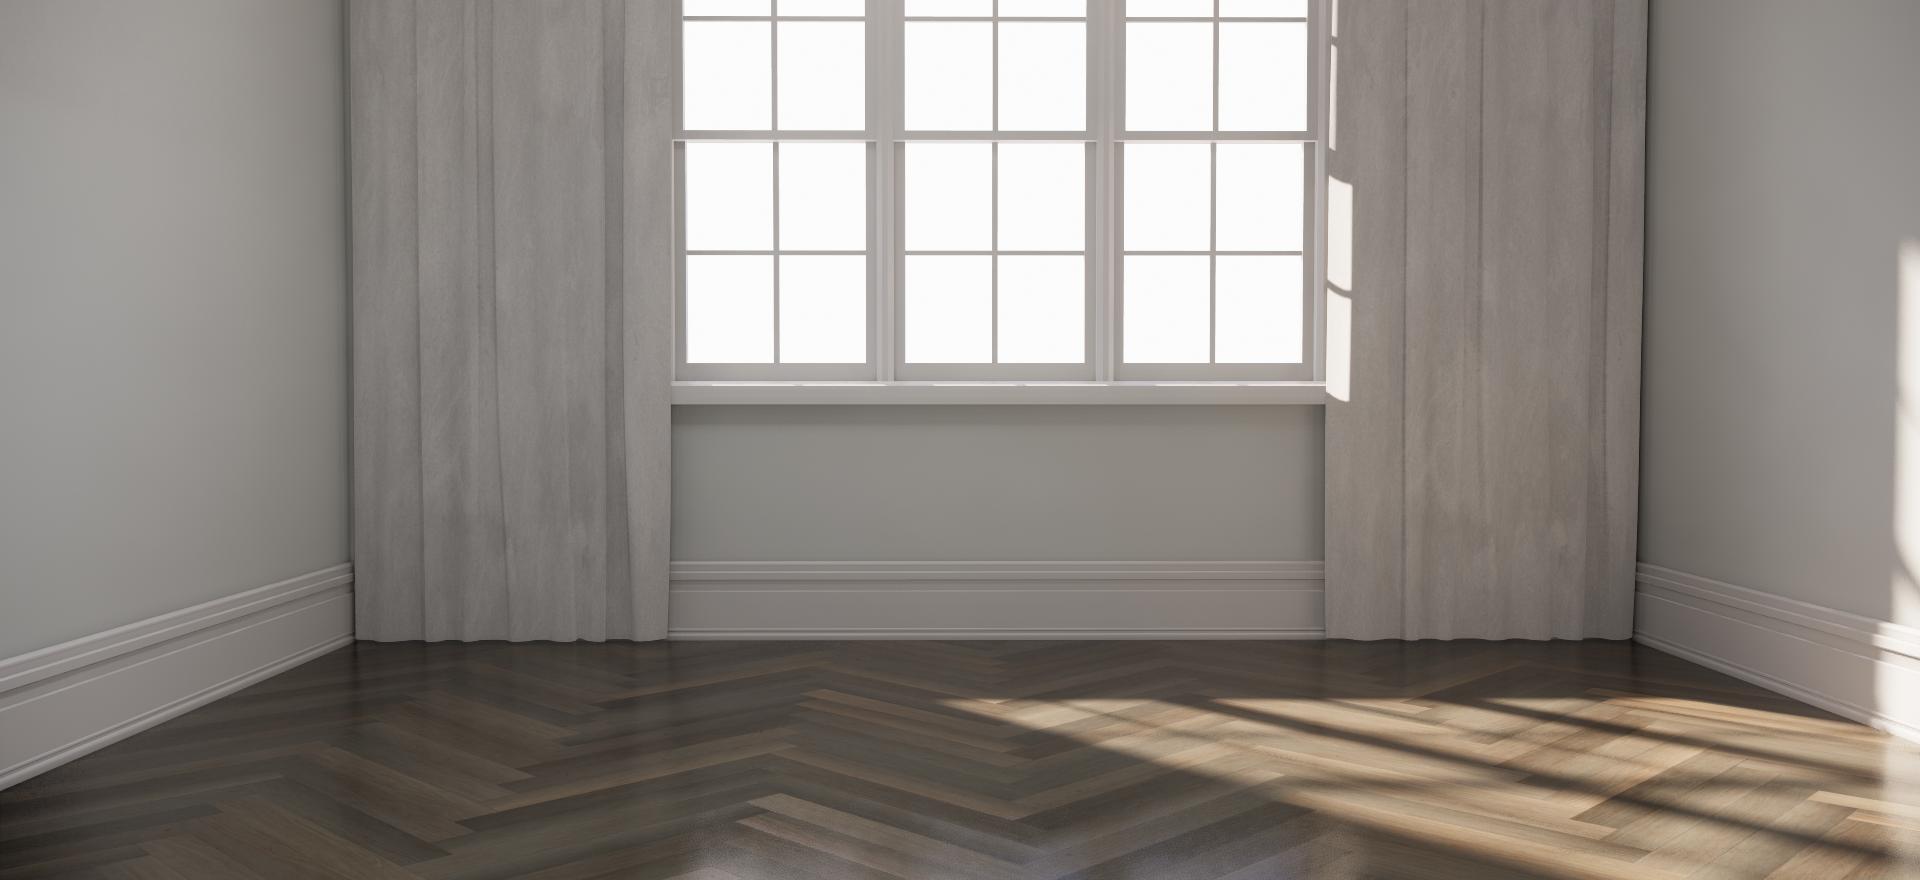 Wood Flooring 19.png